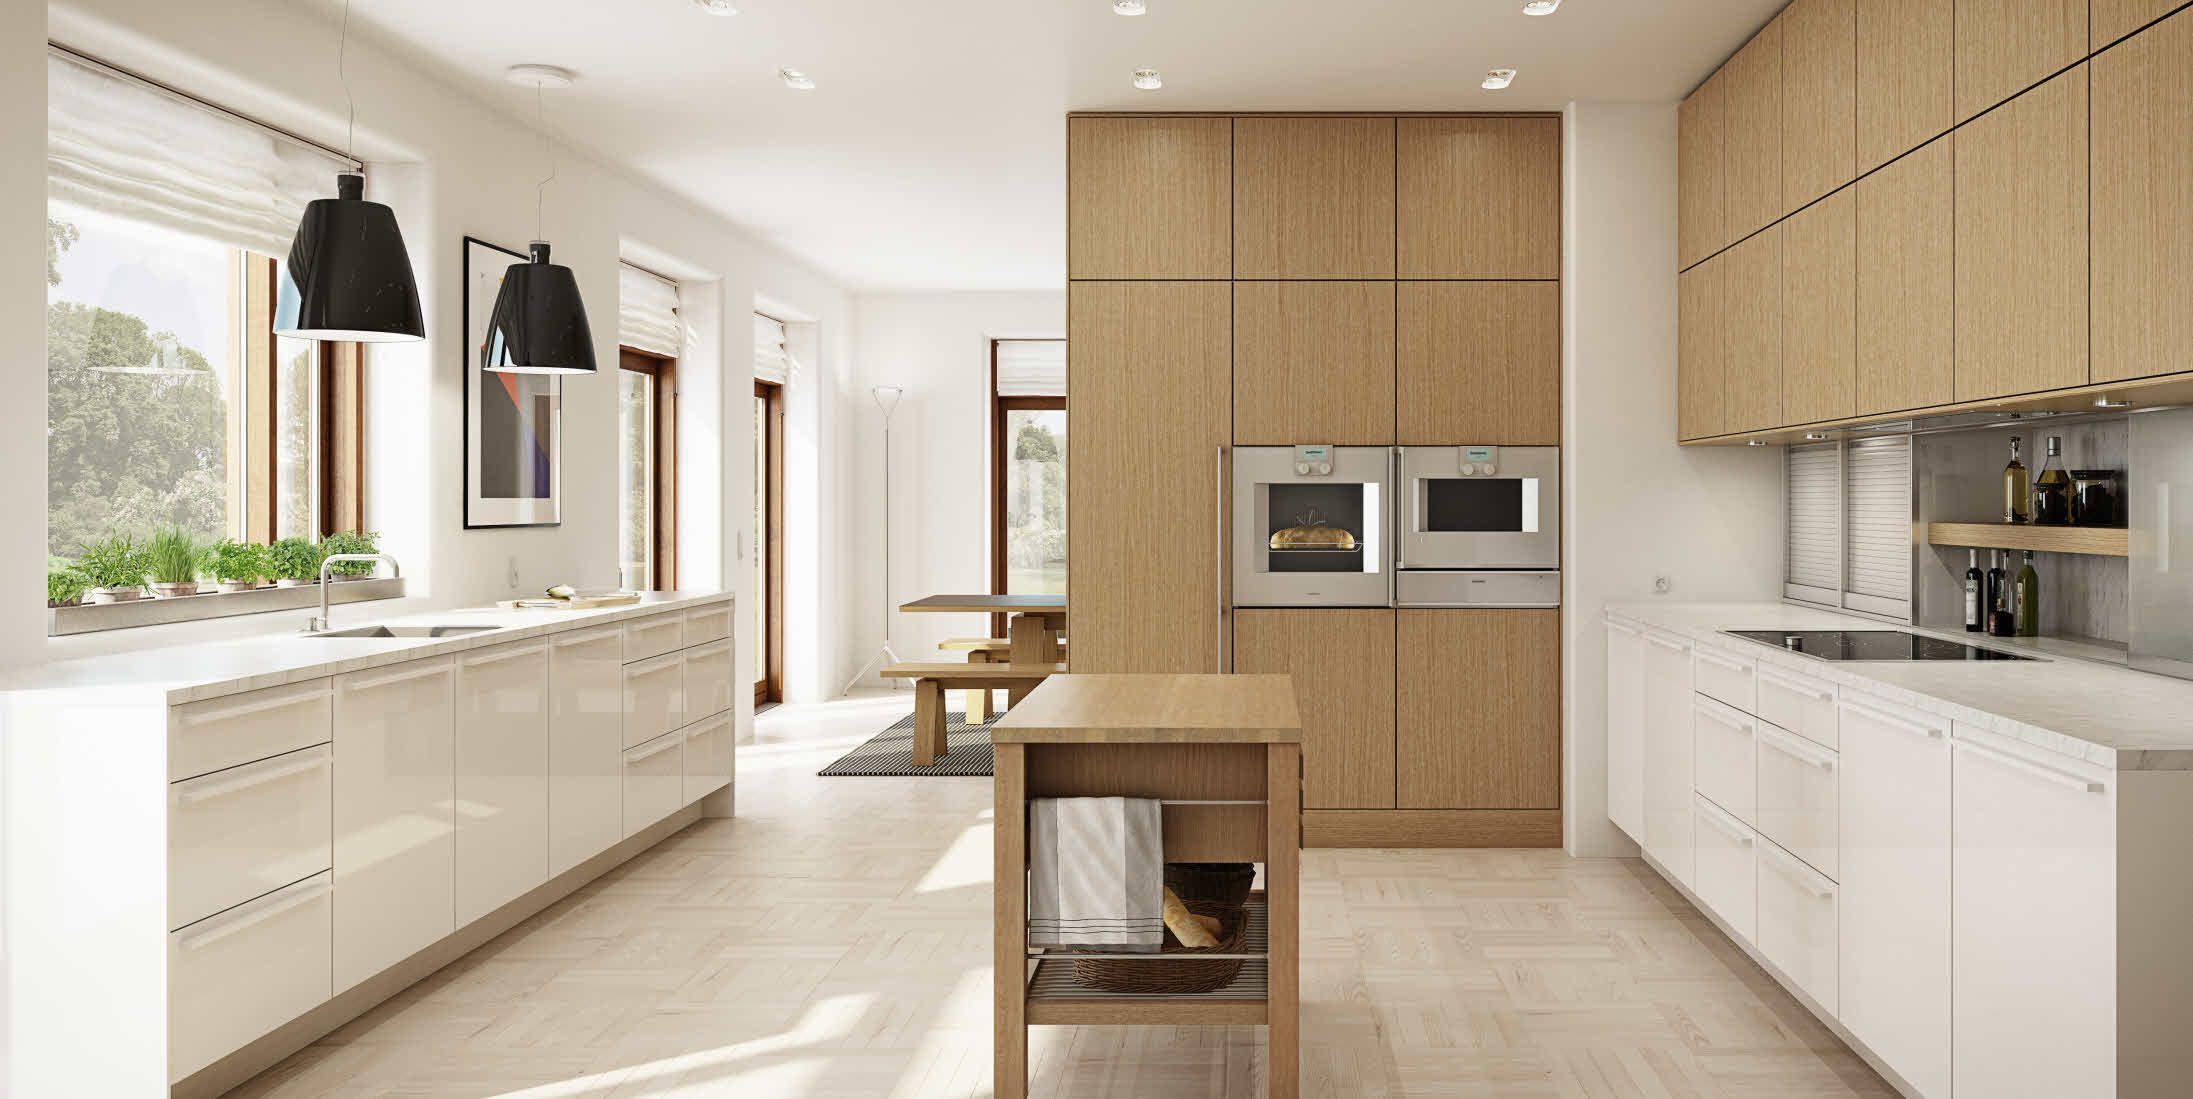 Cocina moderna de roble de chapa de madera con isla for Cocinas de madera de roble